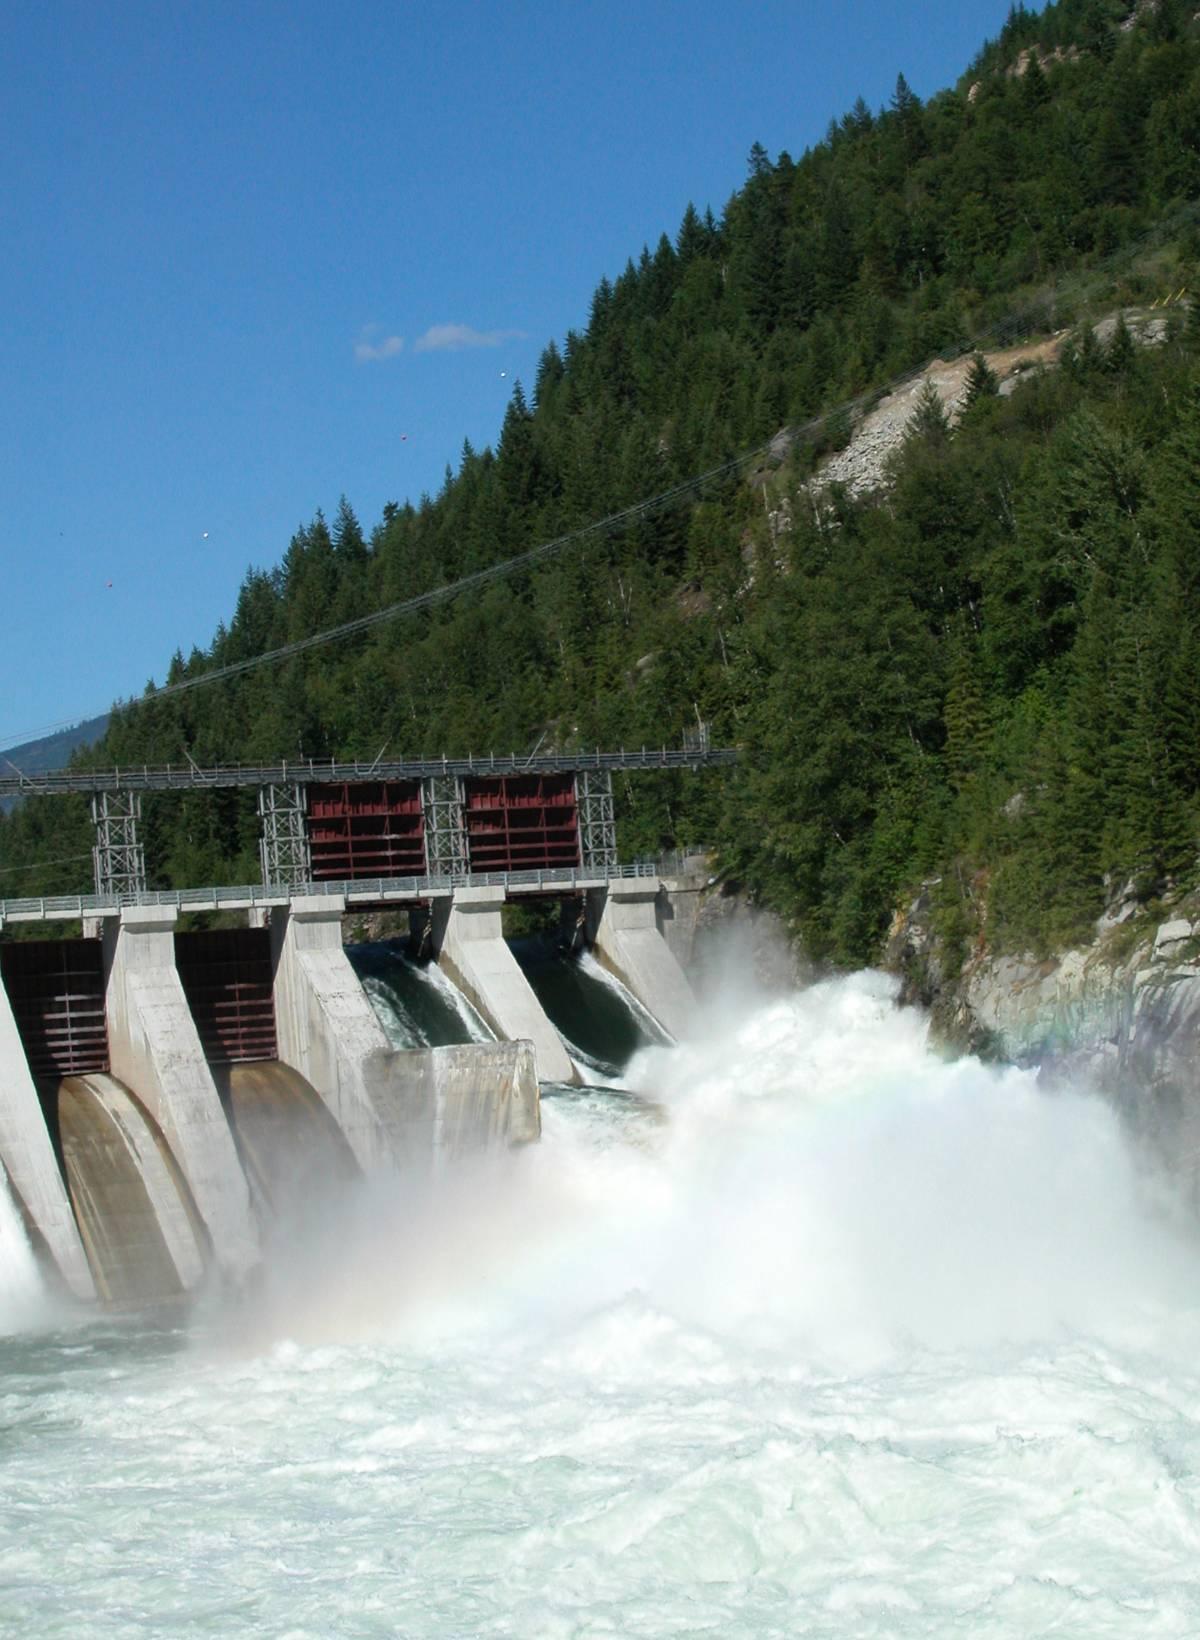 Valtellina, premiato il Carroccio per la difesa dei corsi d'acqua